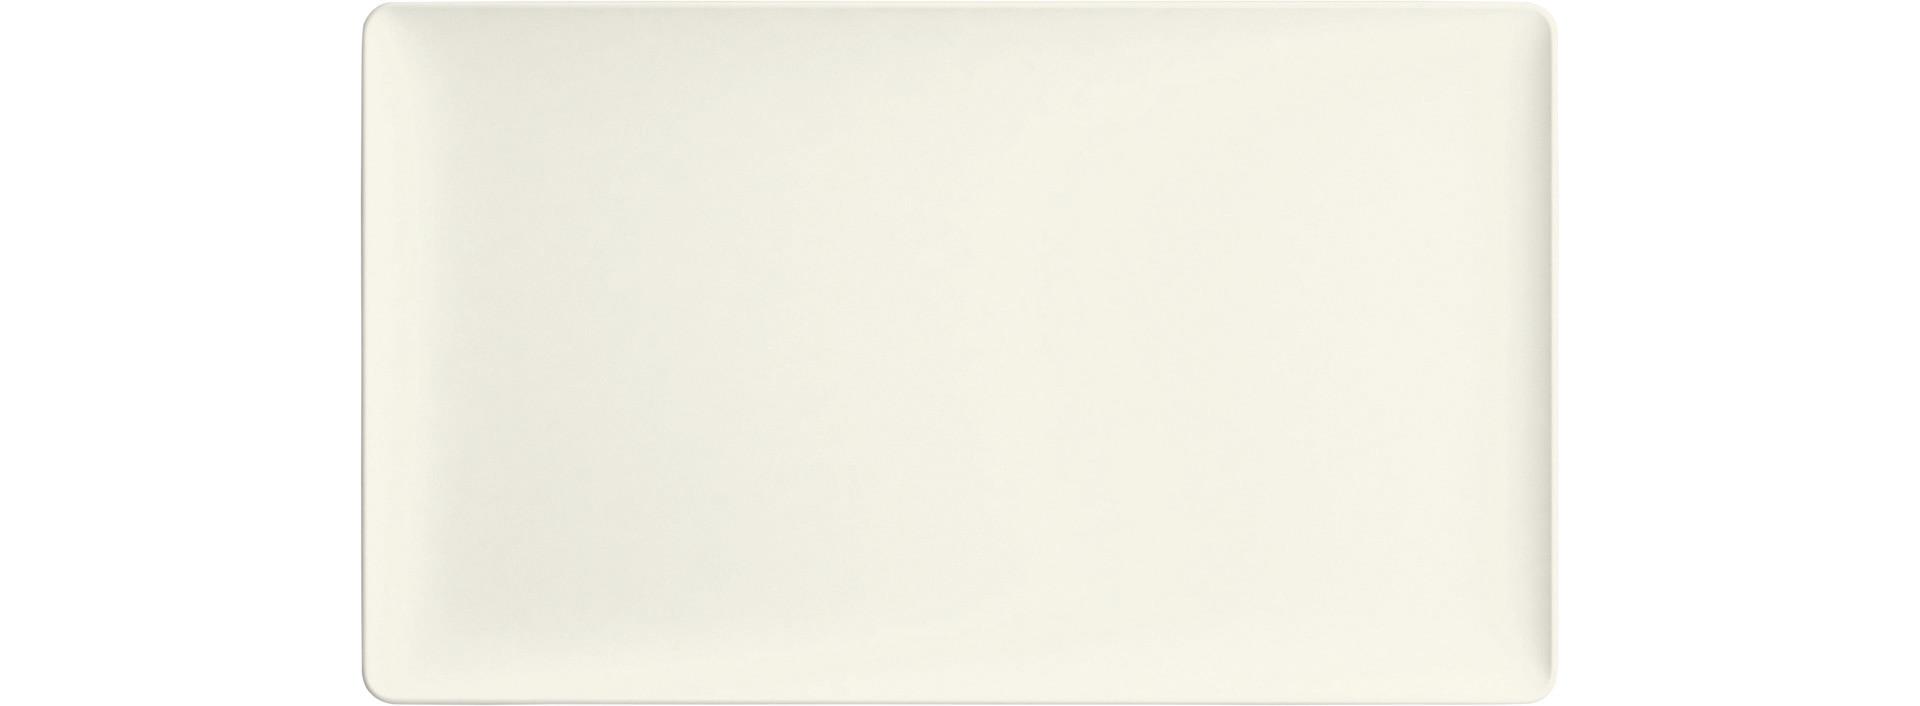 Purity, Coupplatte rechteckig 270 x 200 mm